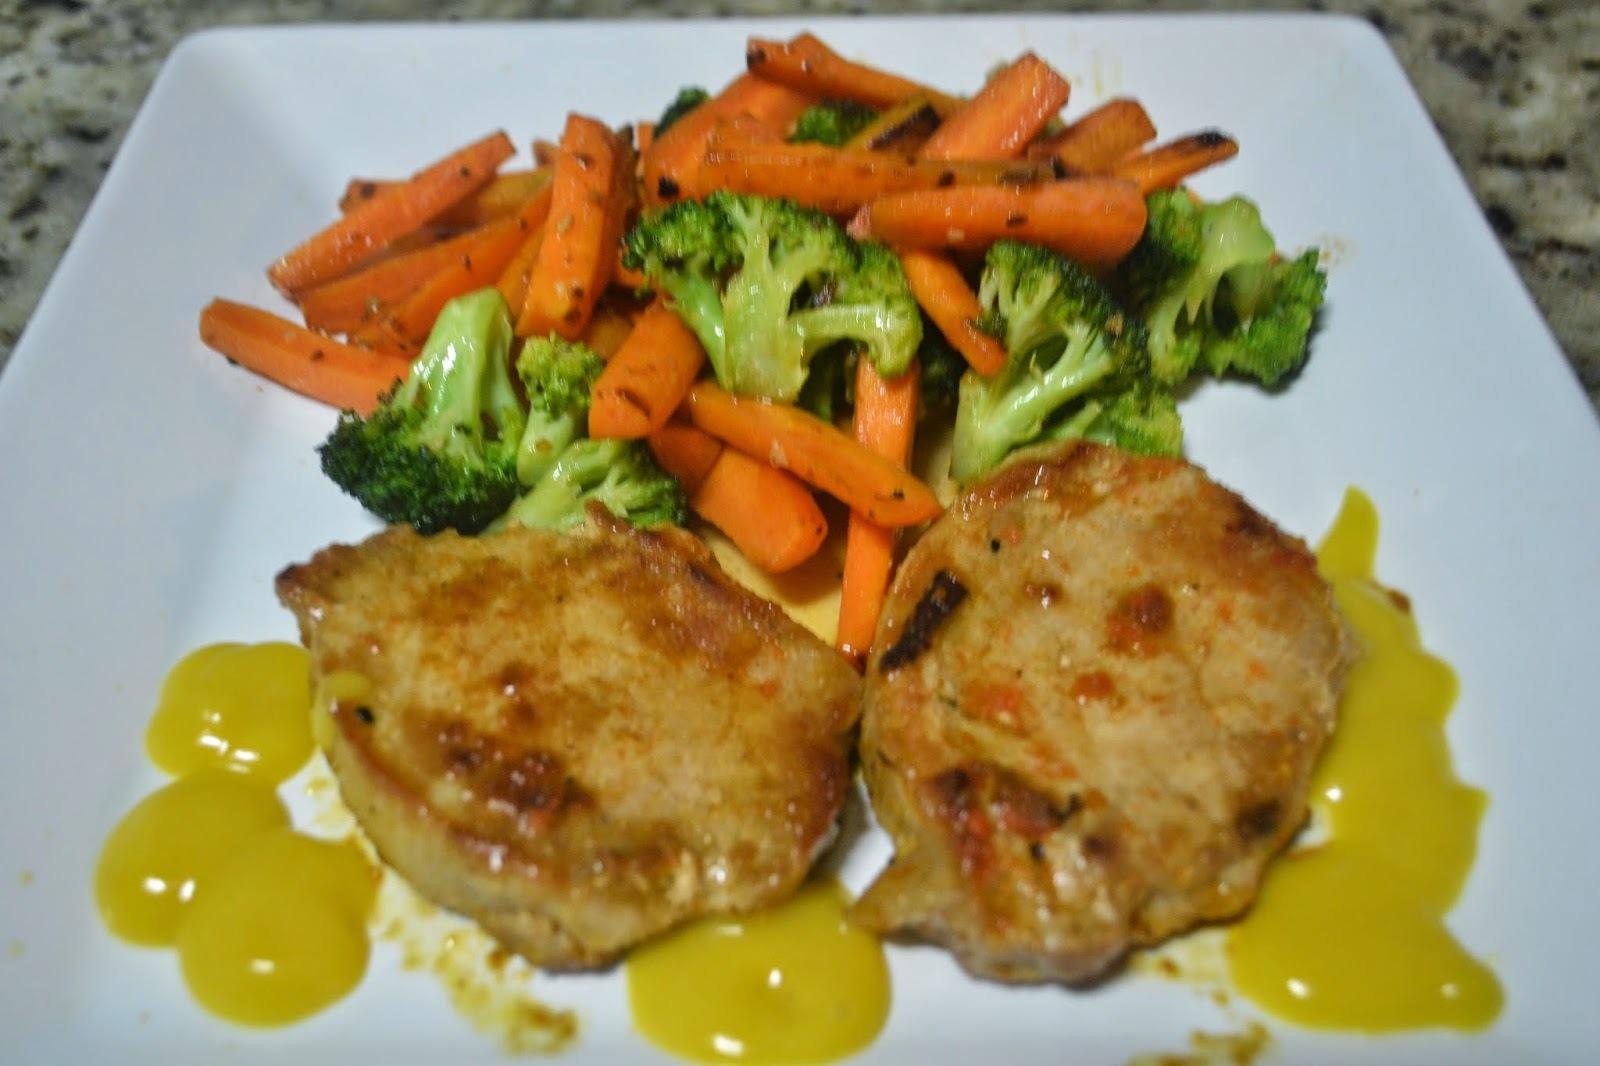 Bifes de lombo de porco com cenouras e brócolis salteados